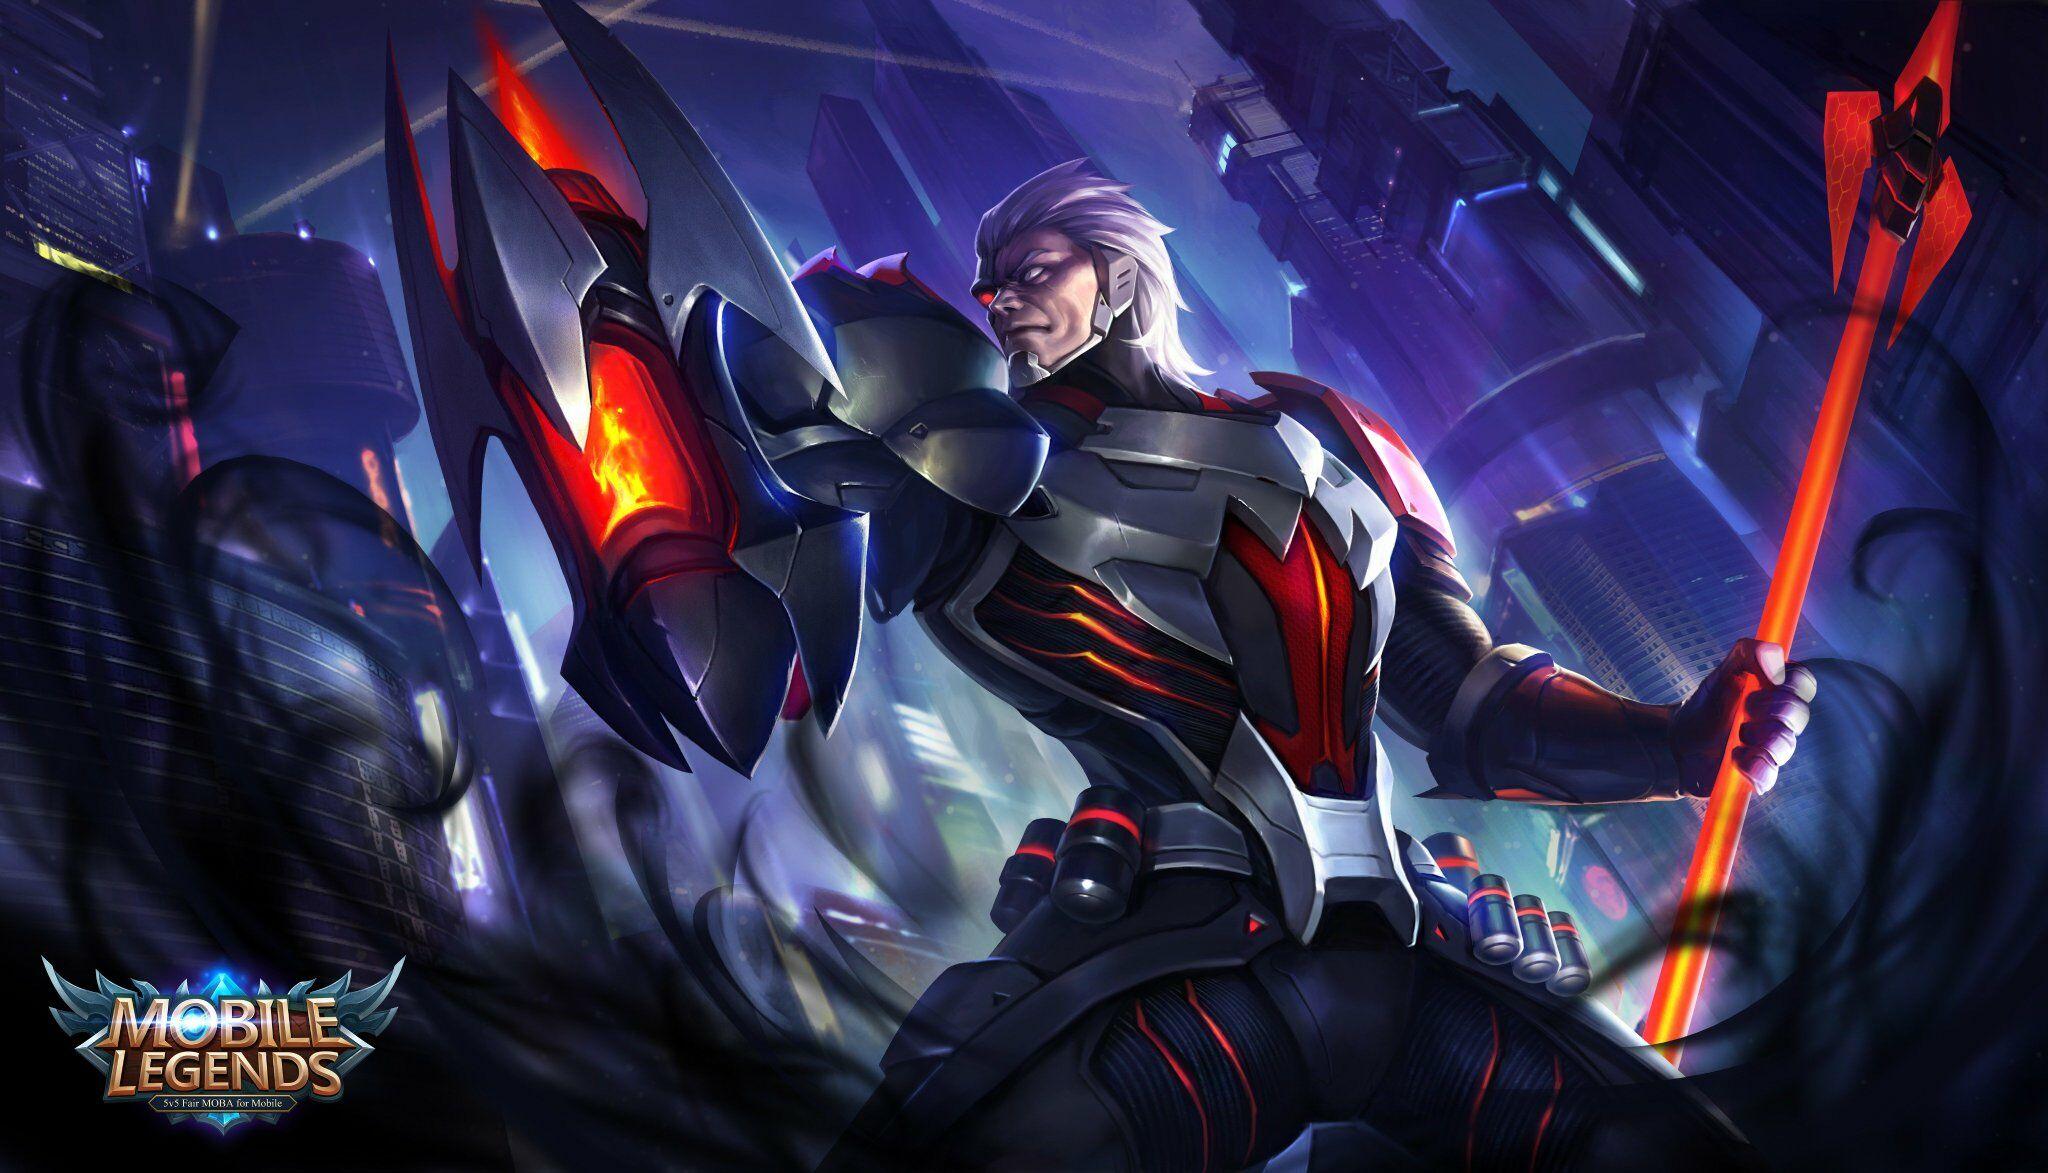 Wallpaper-Mobile-Legends-Moskov-Snake-Eye-Commander